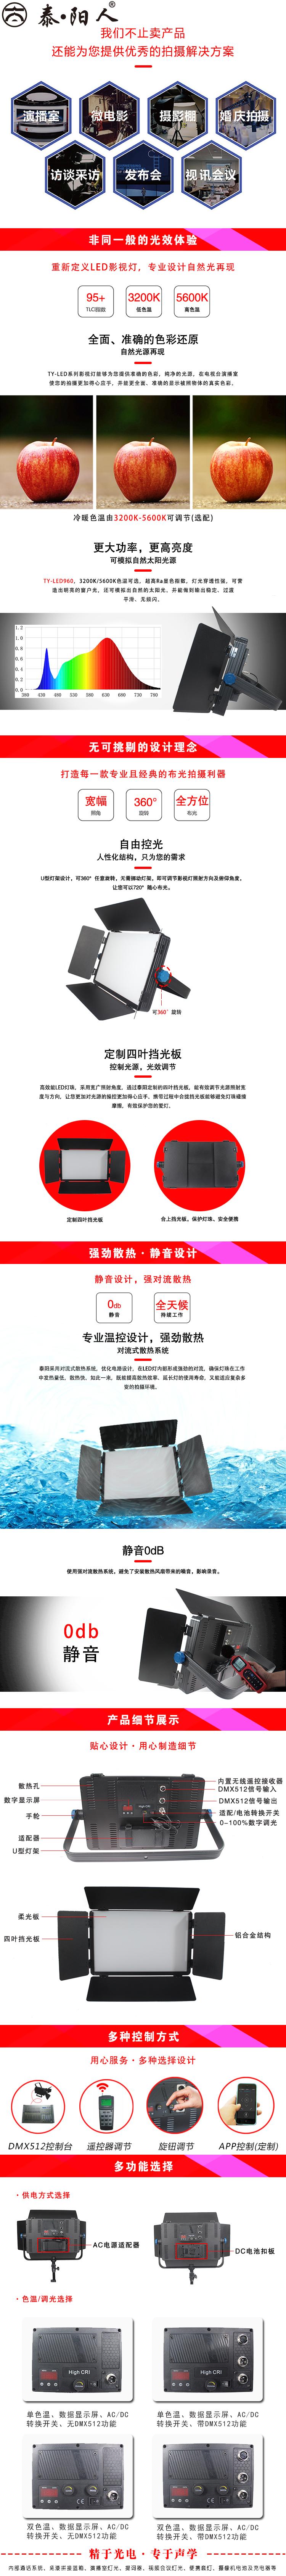 泰阳无线数字遥控TY-LED960平板柔光灯(图1)